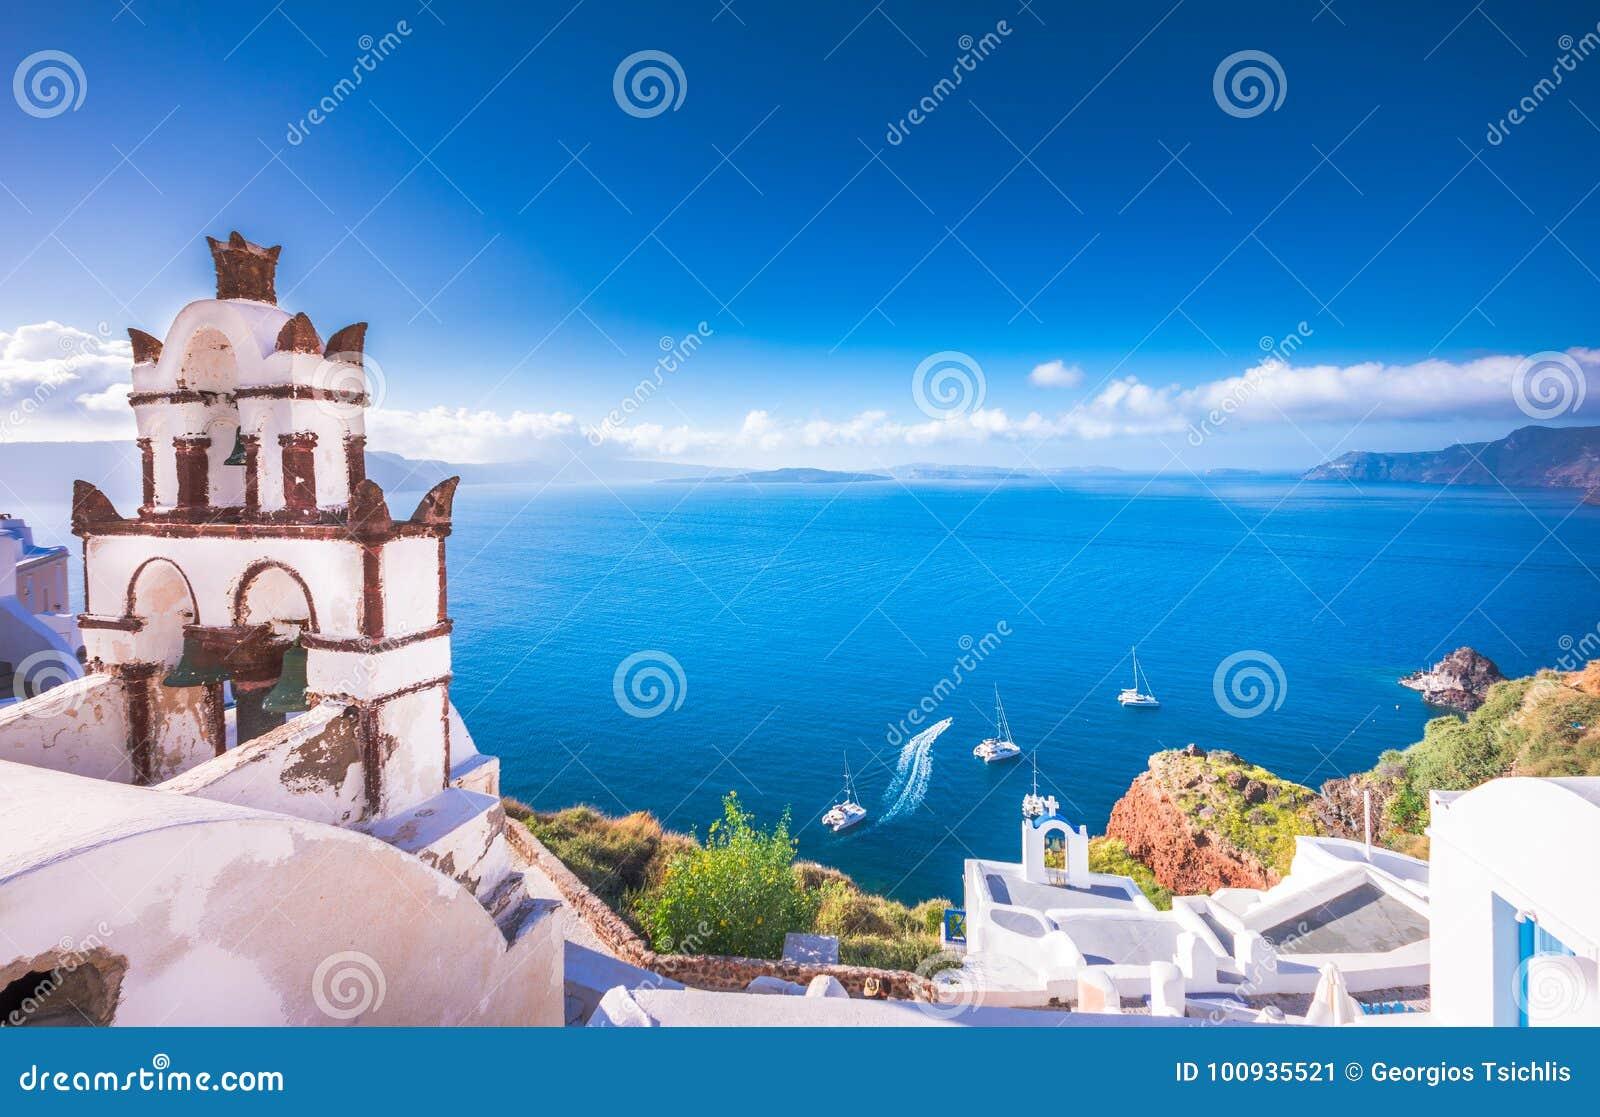 Oia stad op Santorini-eiland, Griekenland Traditionele en beroemde huizen en kerken met blauwe koepels over de Caldera, Egeïsche